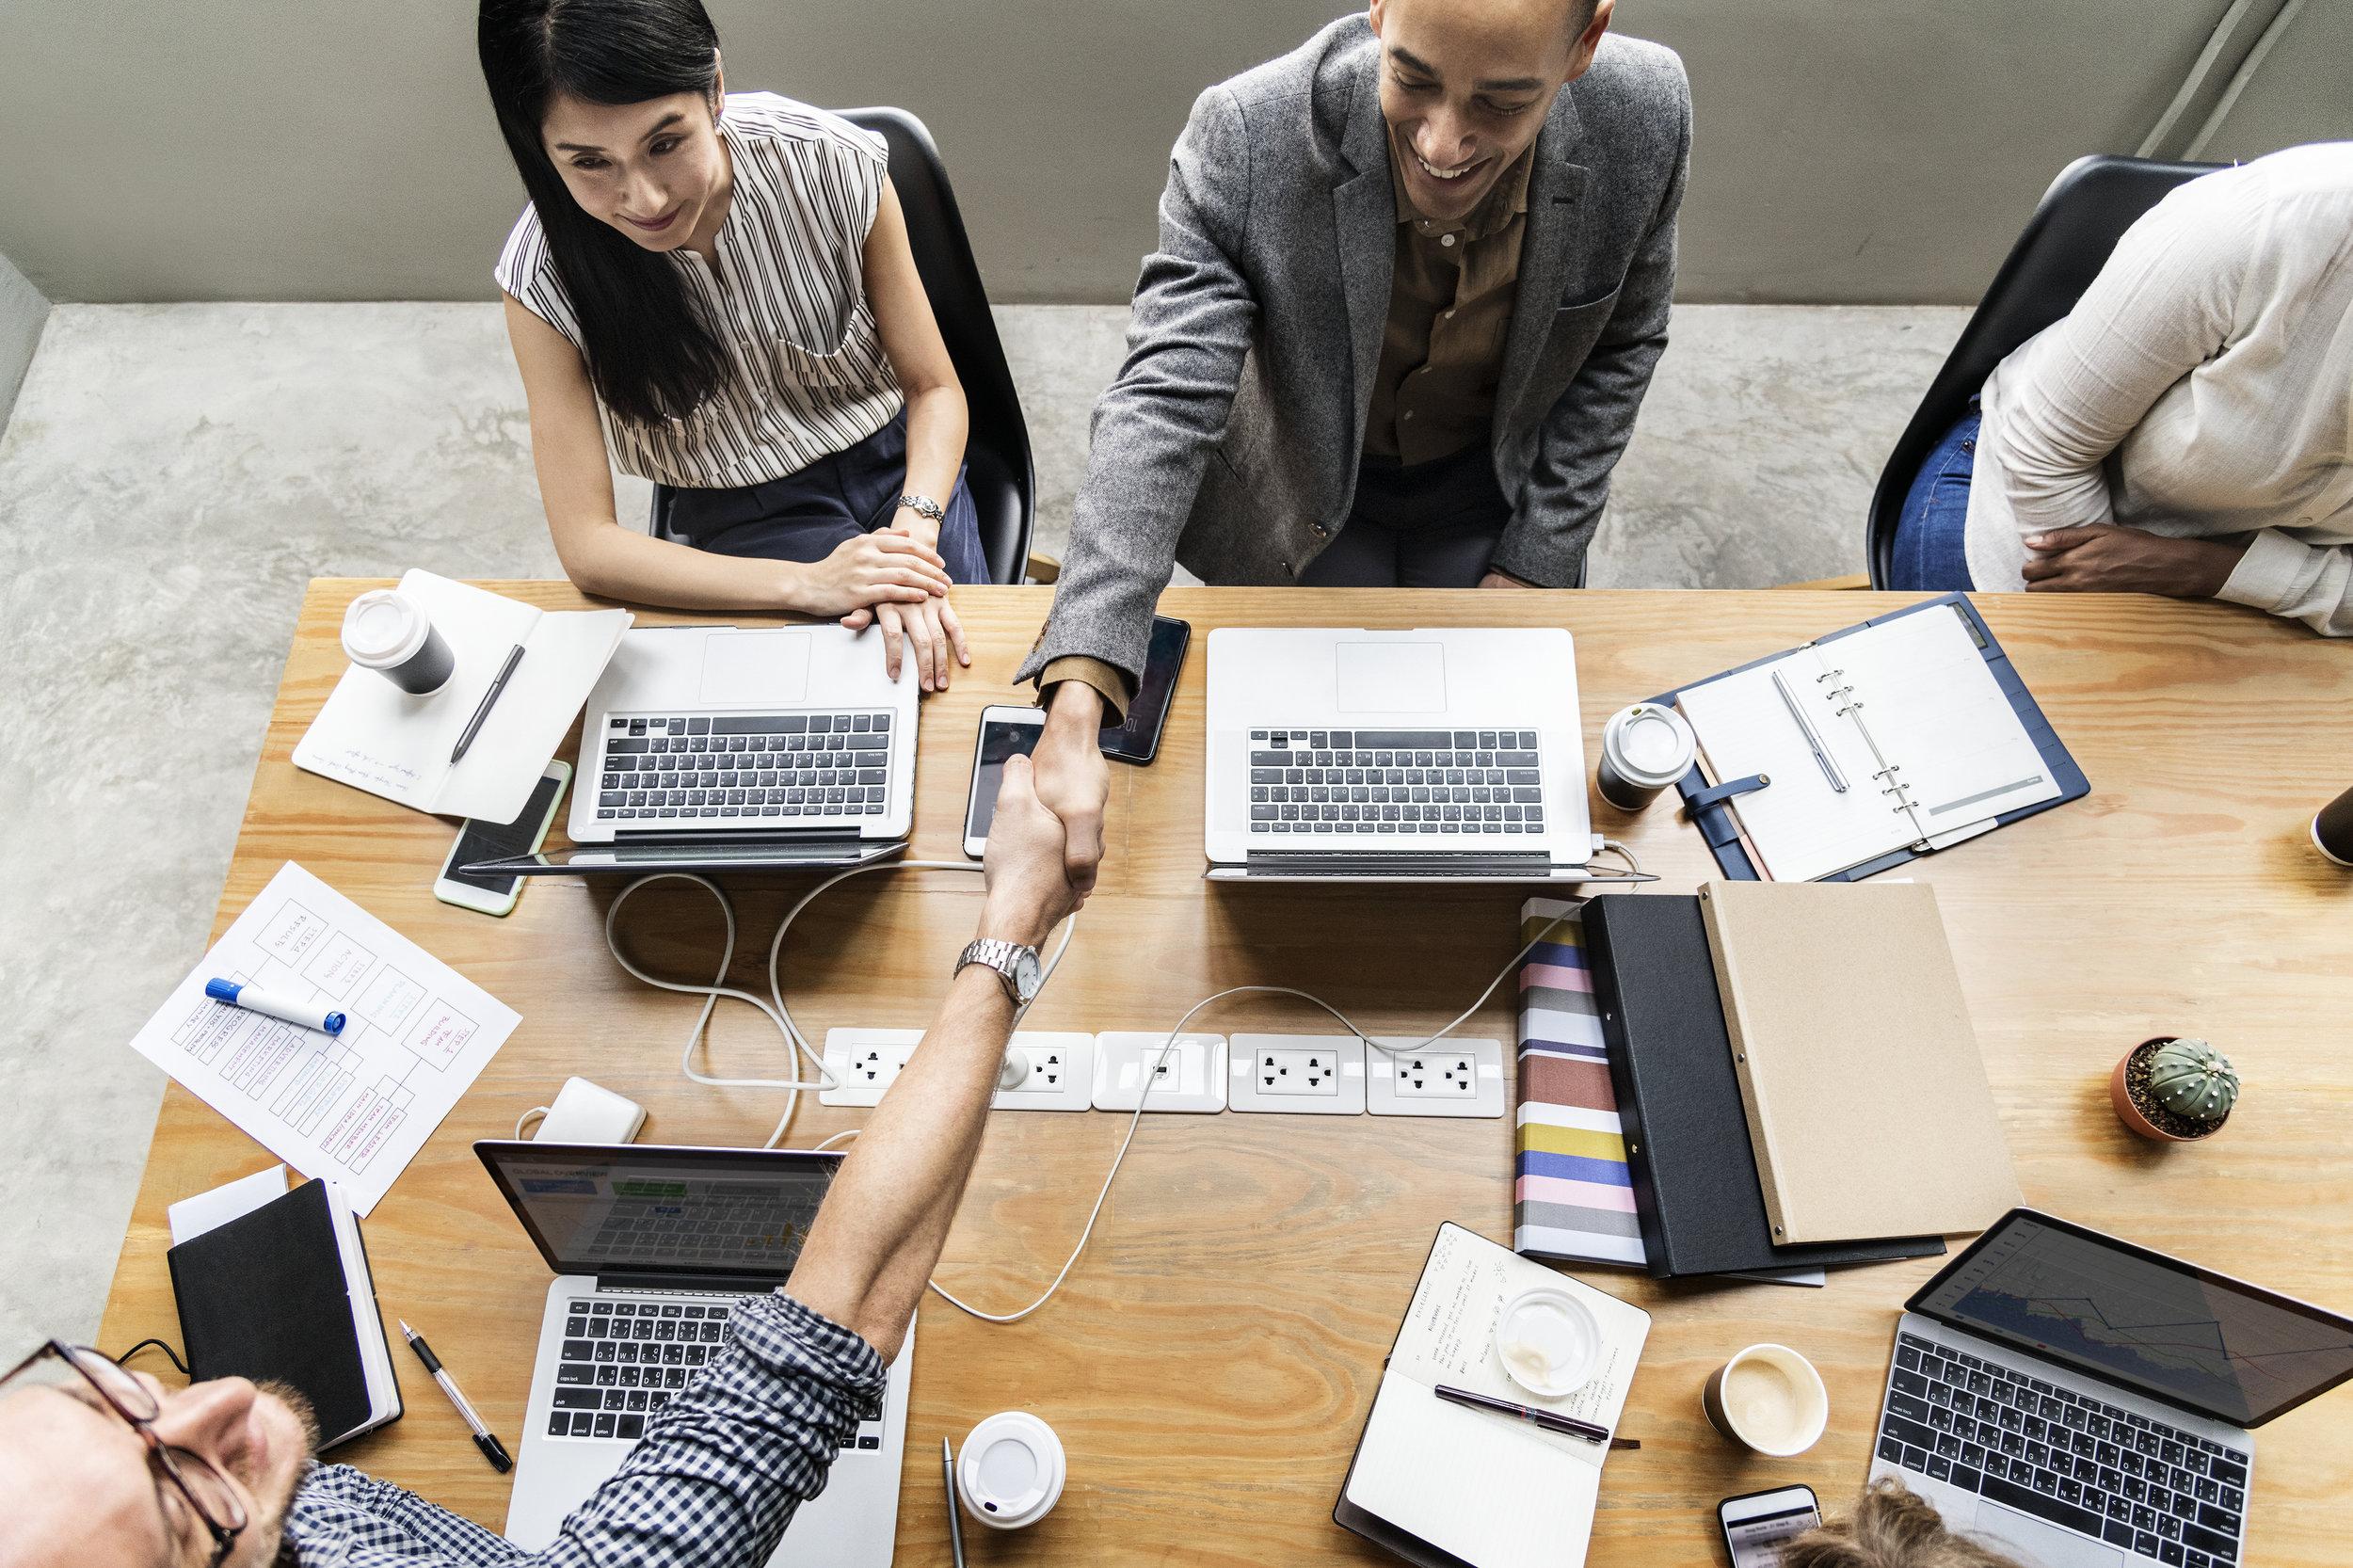 szkolenie z negocjacji w biznesie